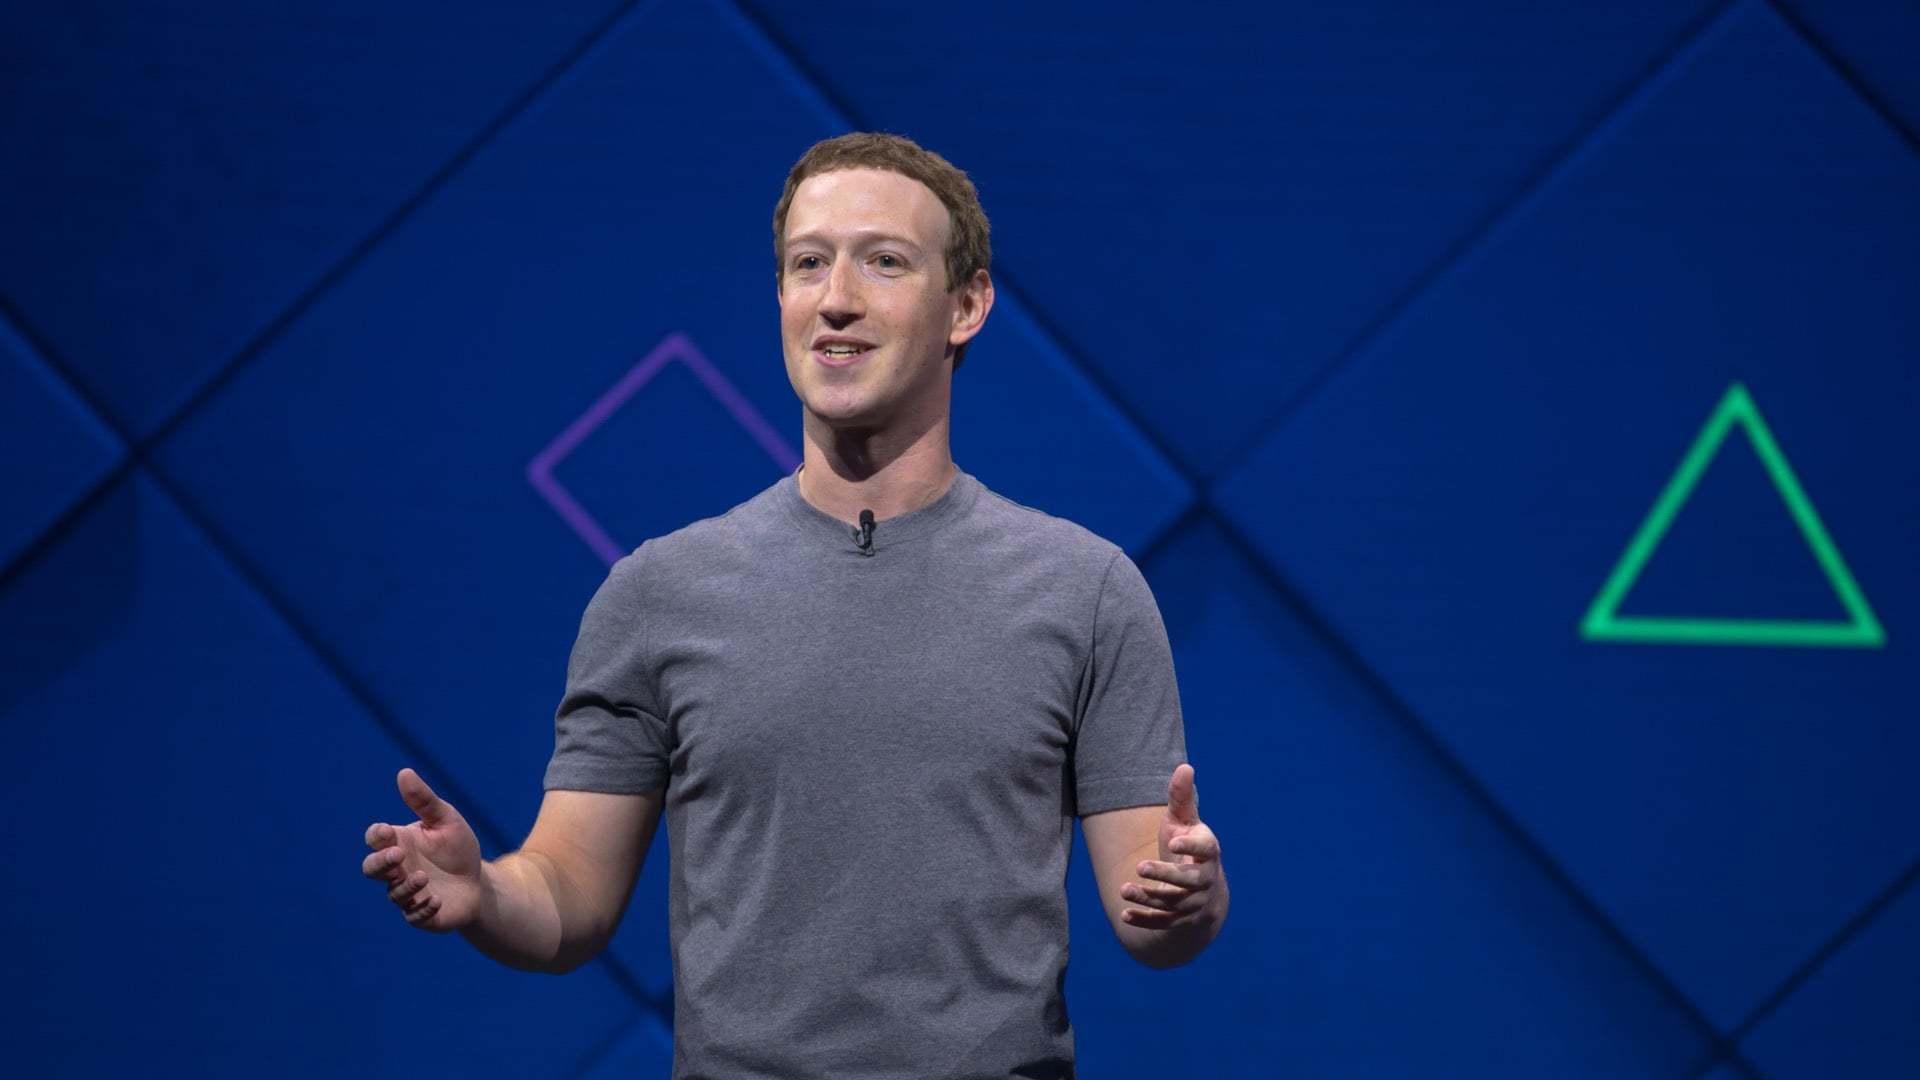 Facebook'u Silmek Ya Da Silmemek, Bütün Mesele Bu Mu?